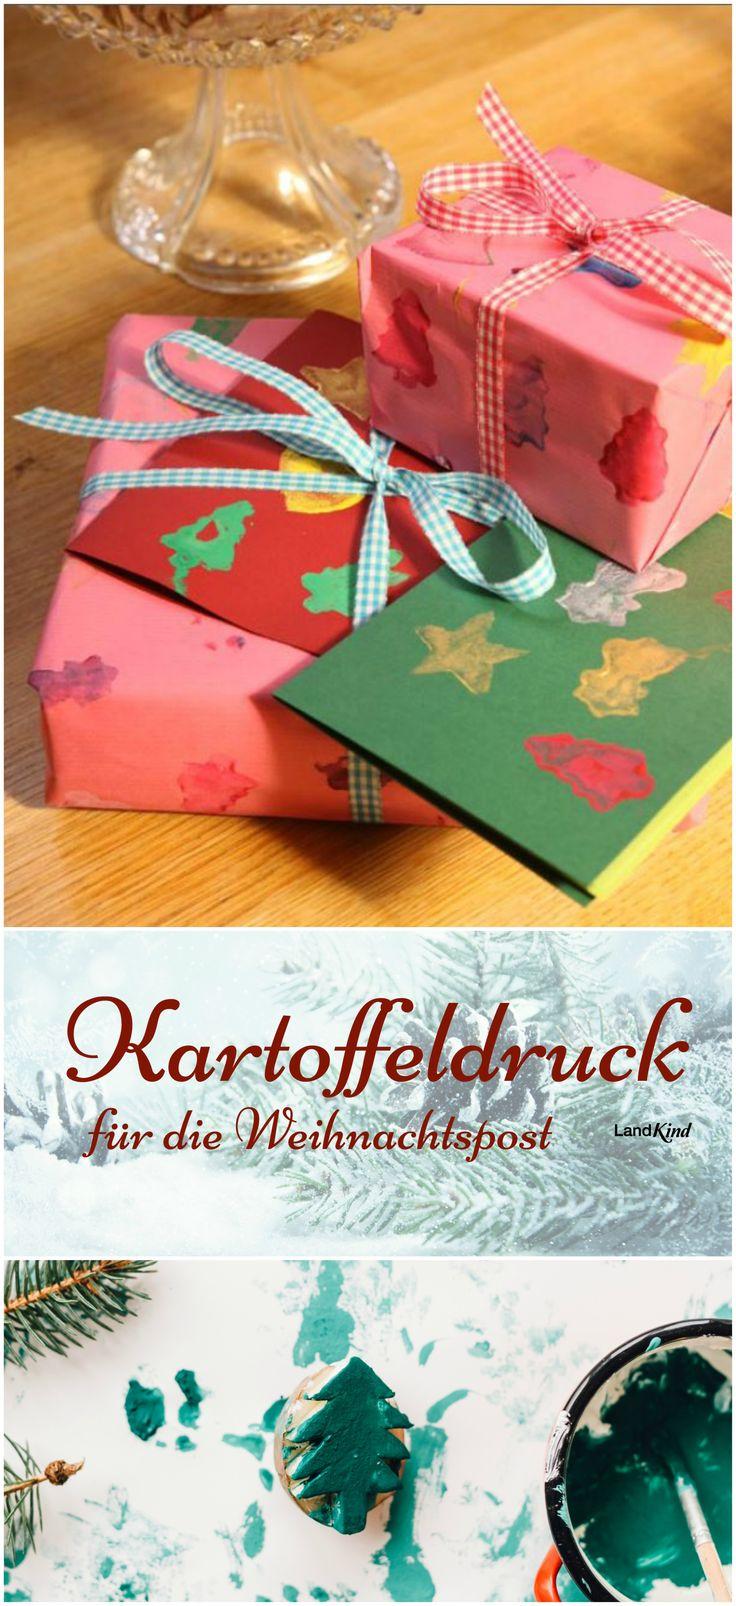 Mit den selbstgeschnitzten Kartoffelstempeln lassen sich nicht nur Karten für die Weihnachtspost, sondern auch das Geschenkpapier ganz persönlich gestalten und verzieren.